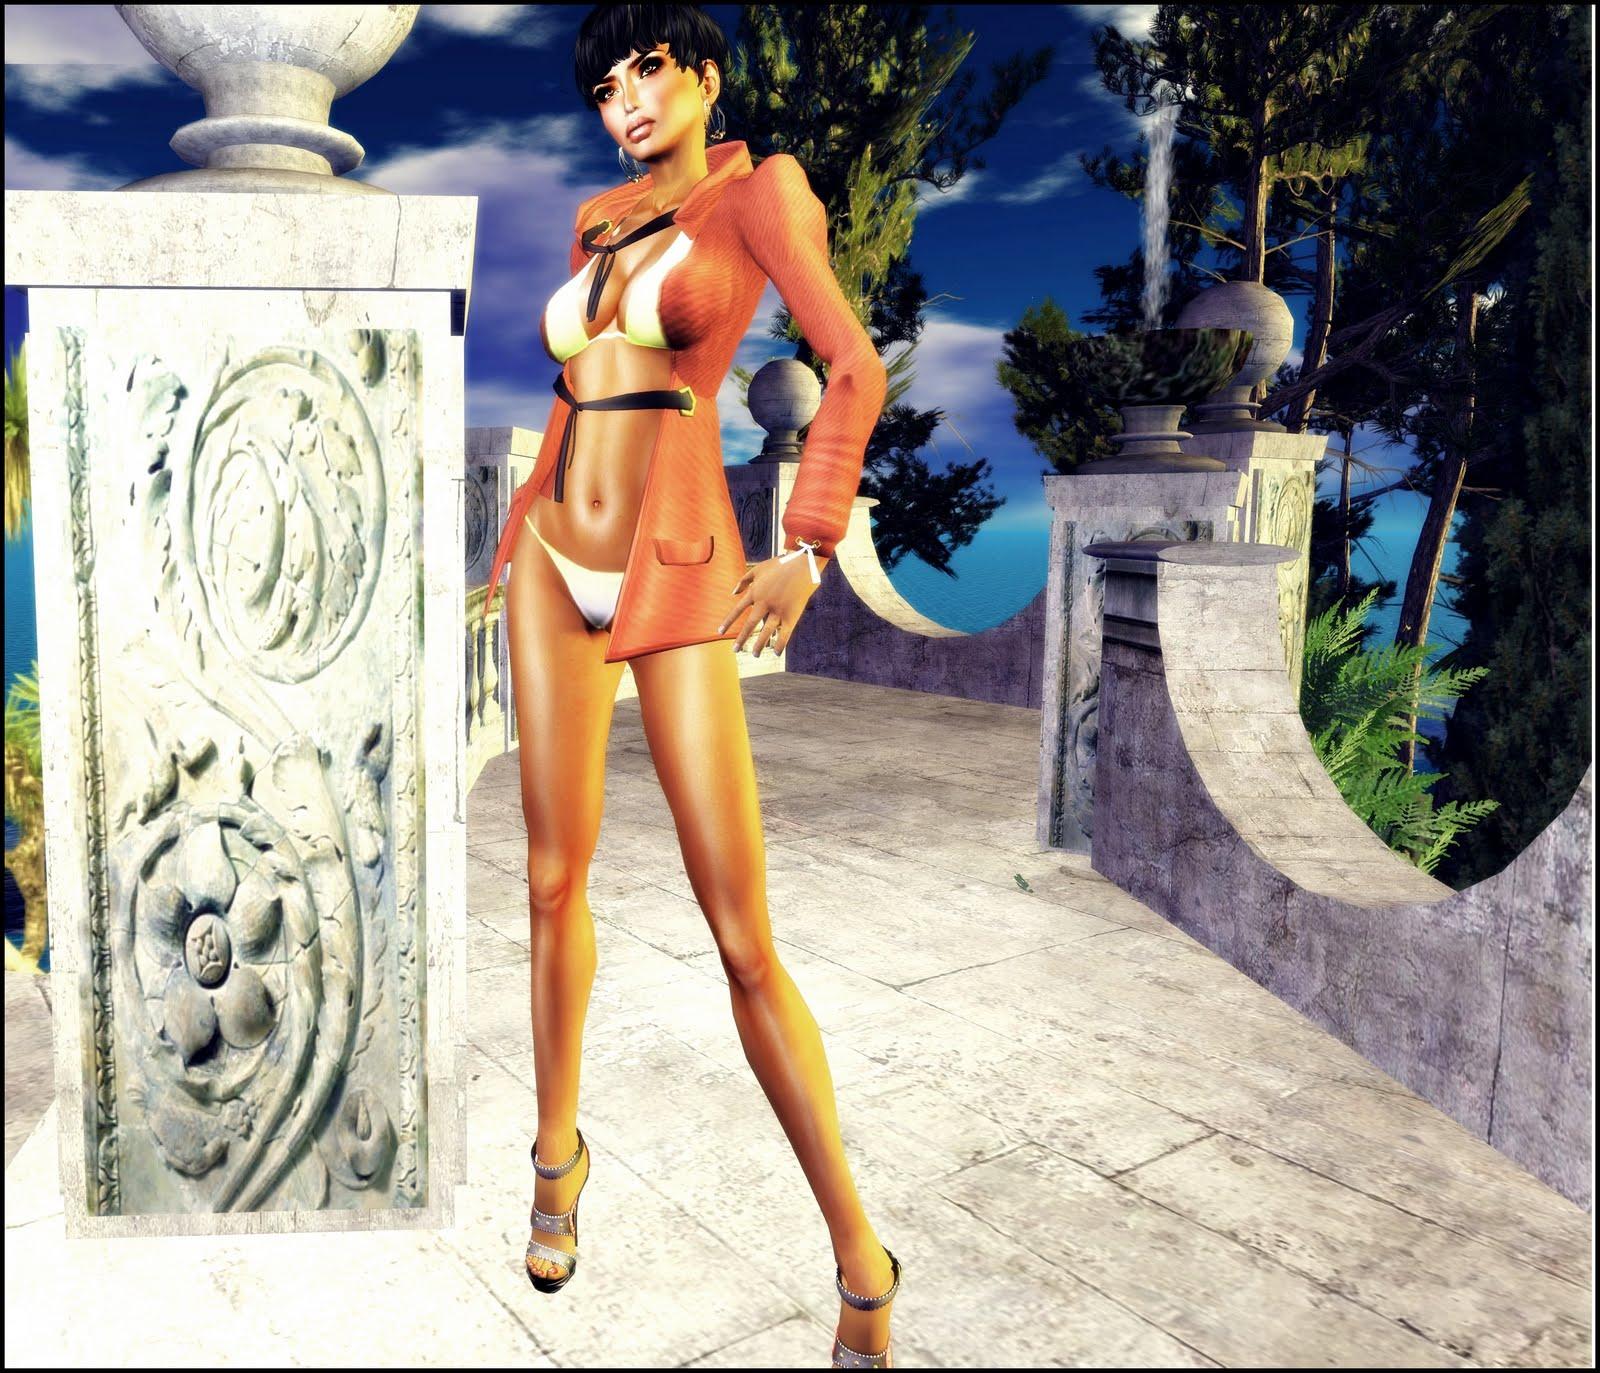 http://1.bp.blogspot.com/_cwIYkUUVy7g/S9j8BtaIDDI/AAAAAAAAAHg/qDXRQC3sdyQ/s1600/Veschi_006edited.jpg